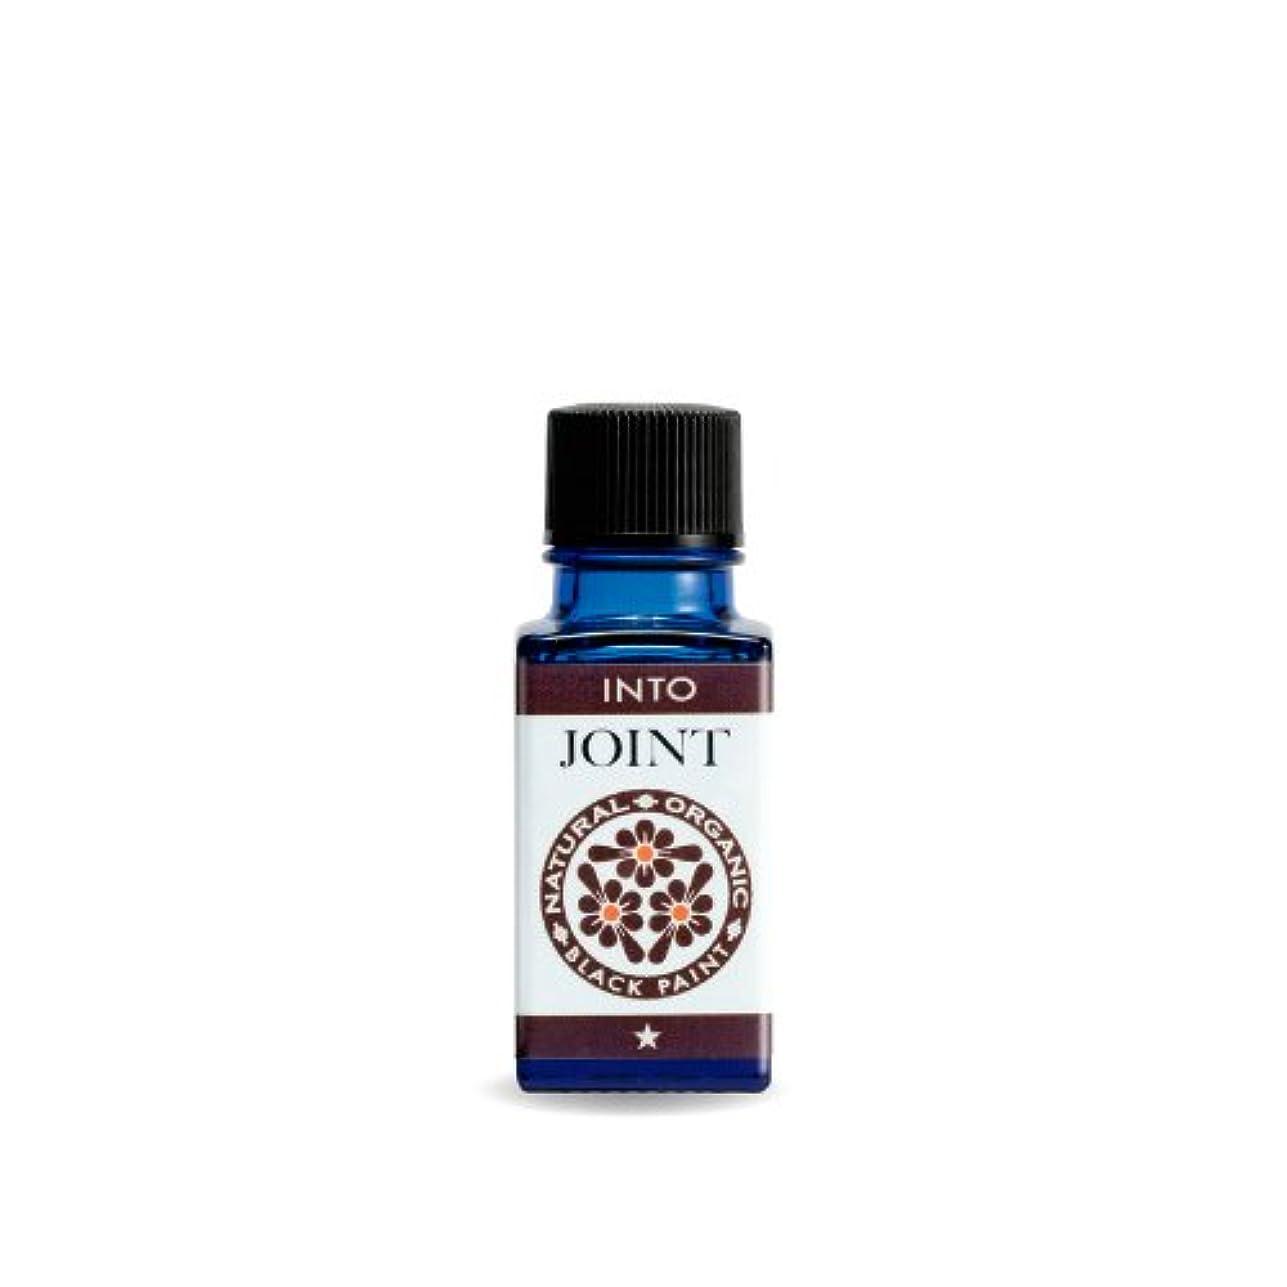 関節用 エッセンシャルオイル 美容液 INTO ジョイント 10ml ブラックペイント